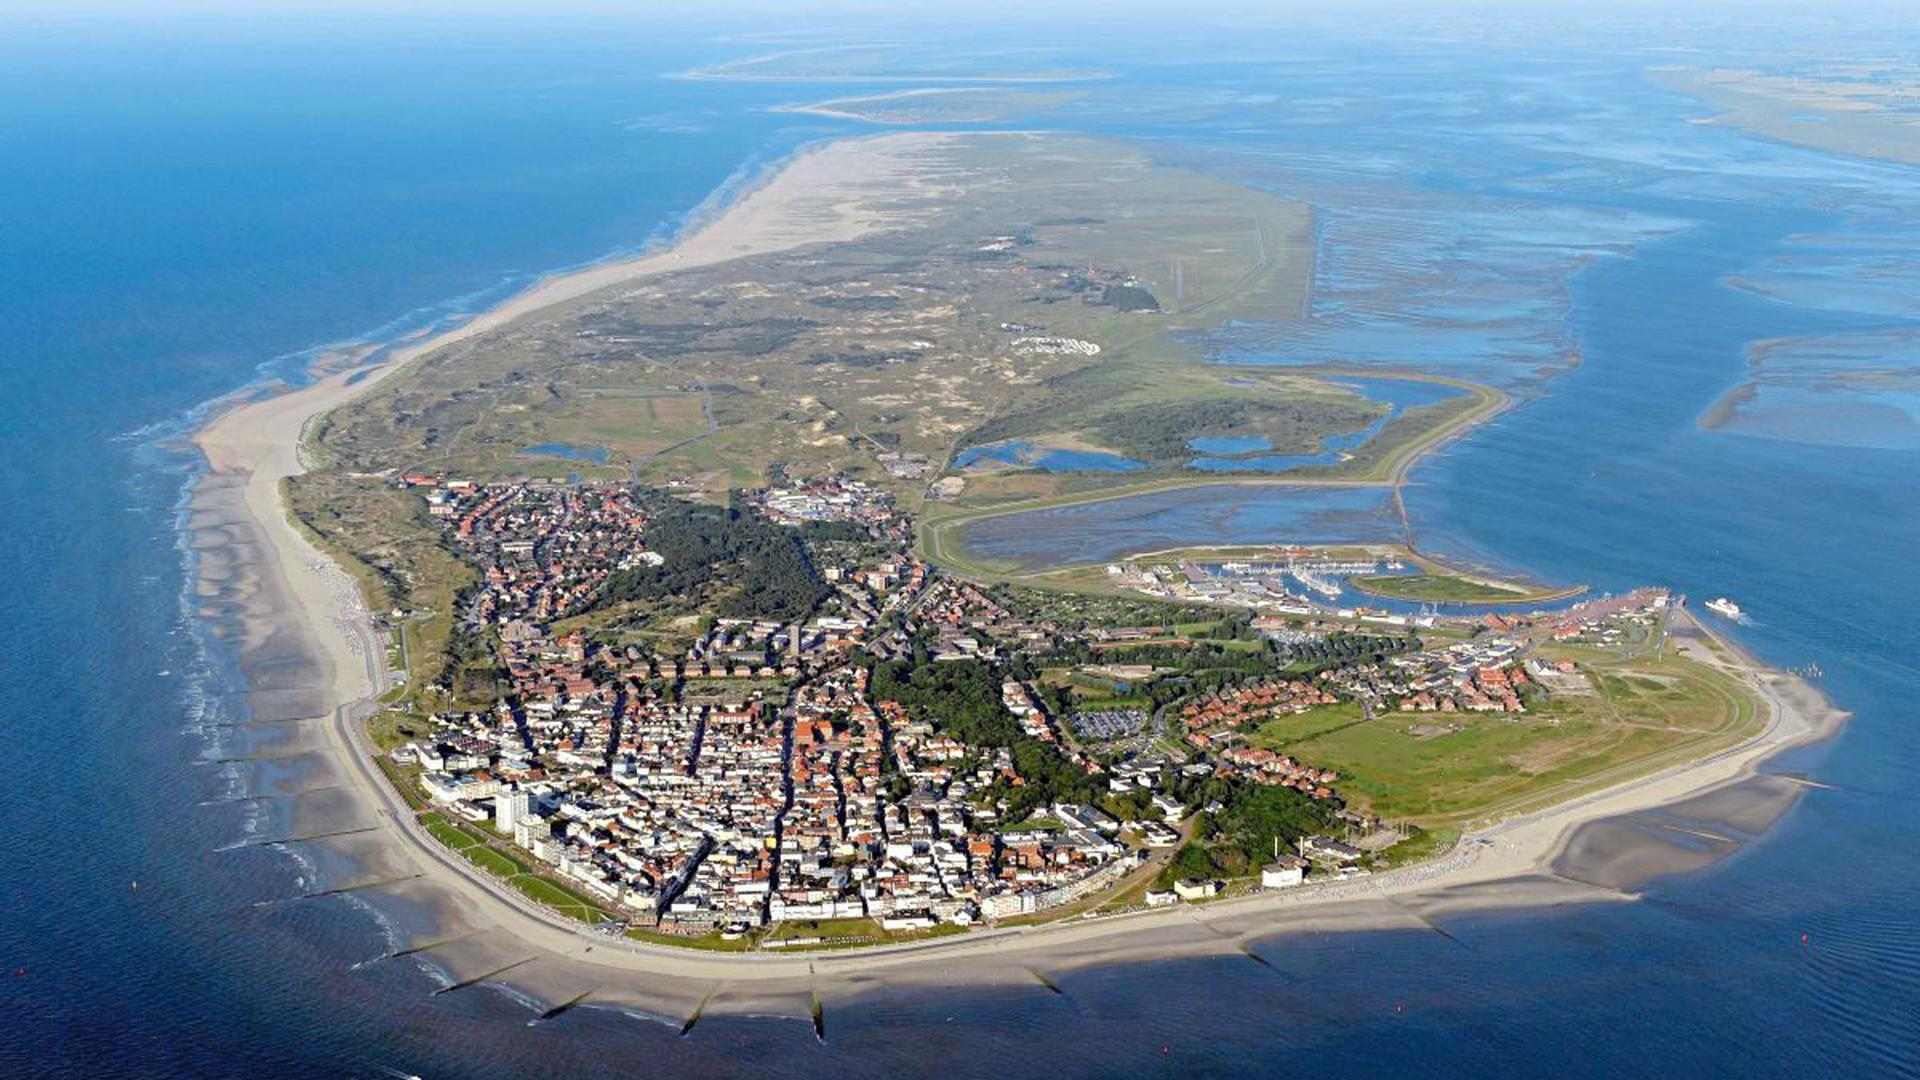 Luftbildaufnahme von Norderney